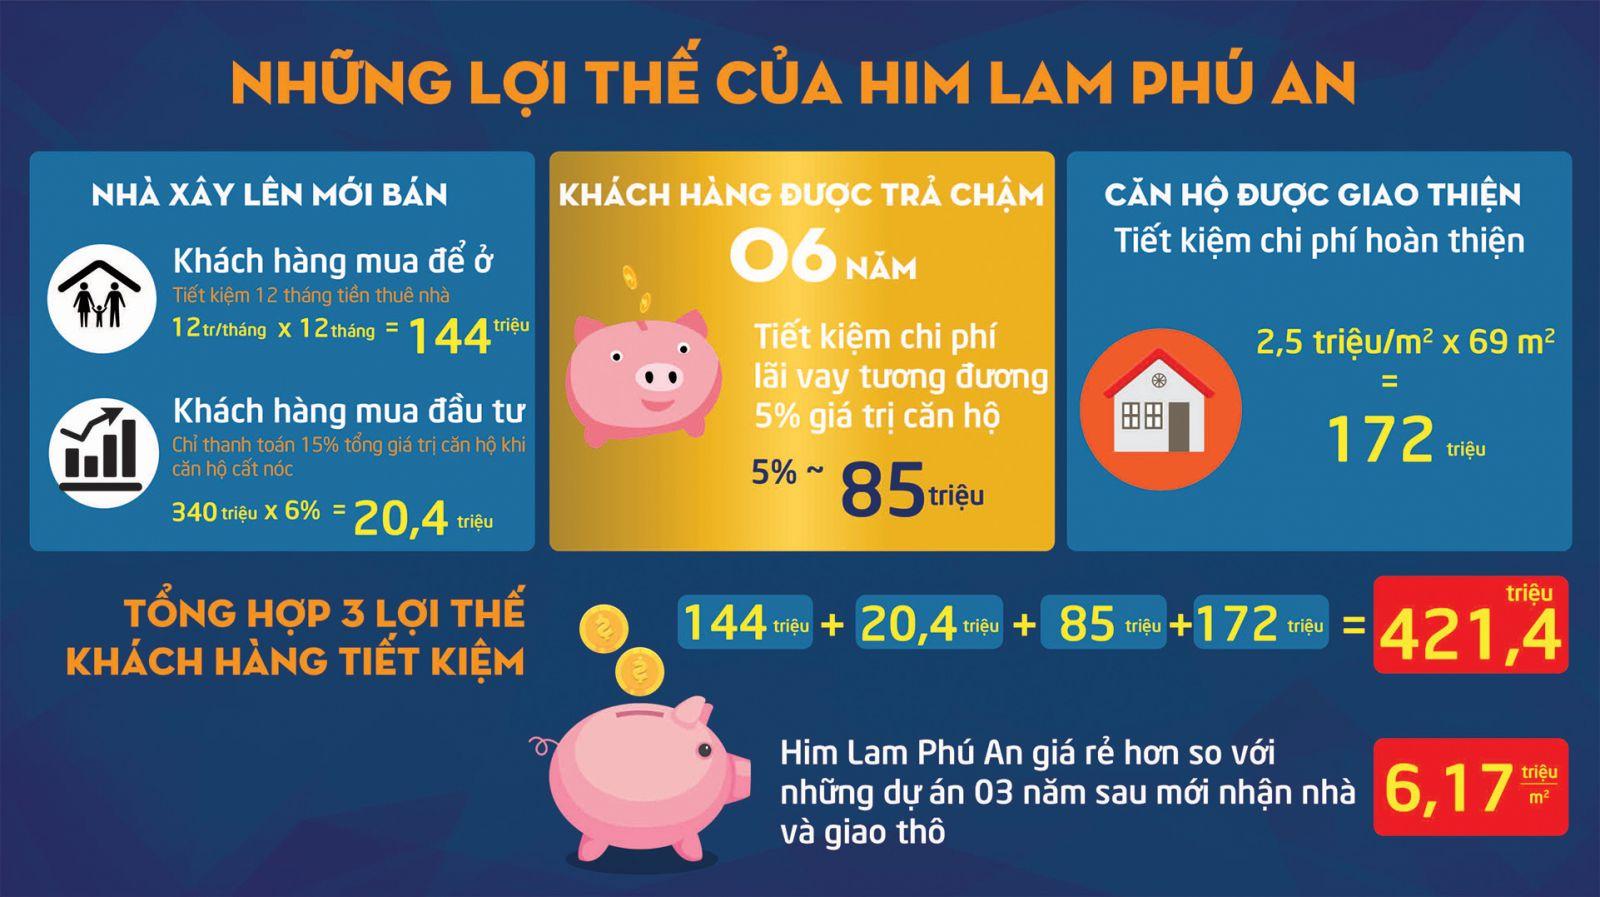 him-lam-phu-an-4